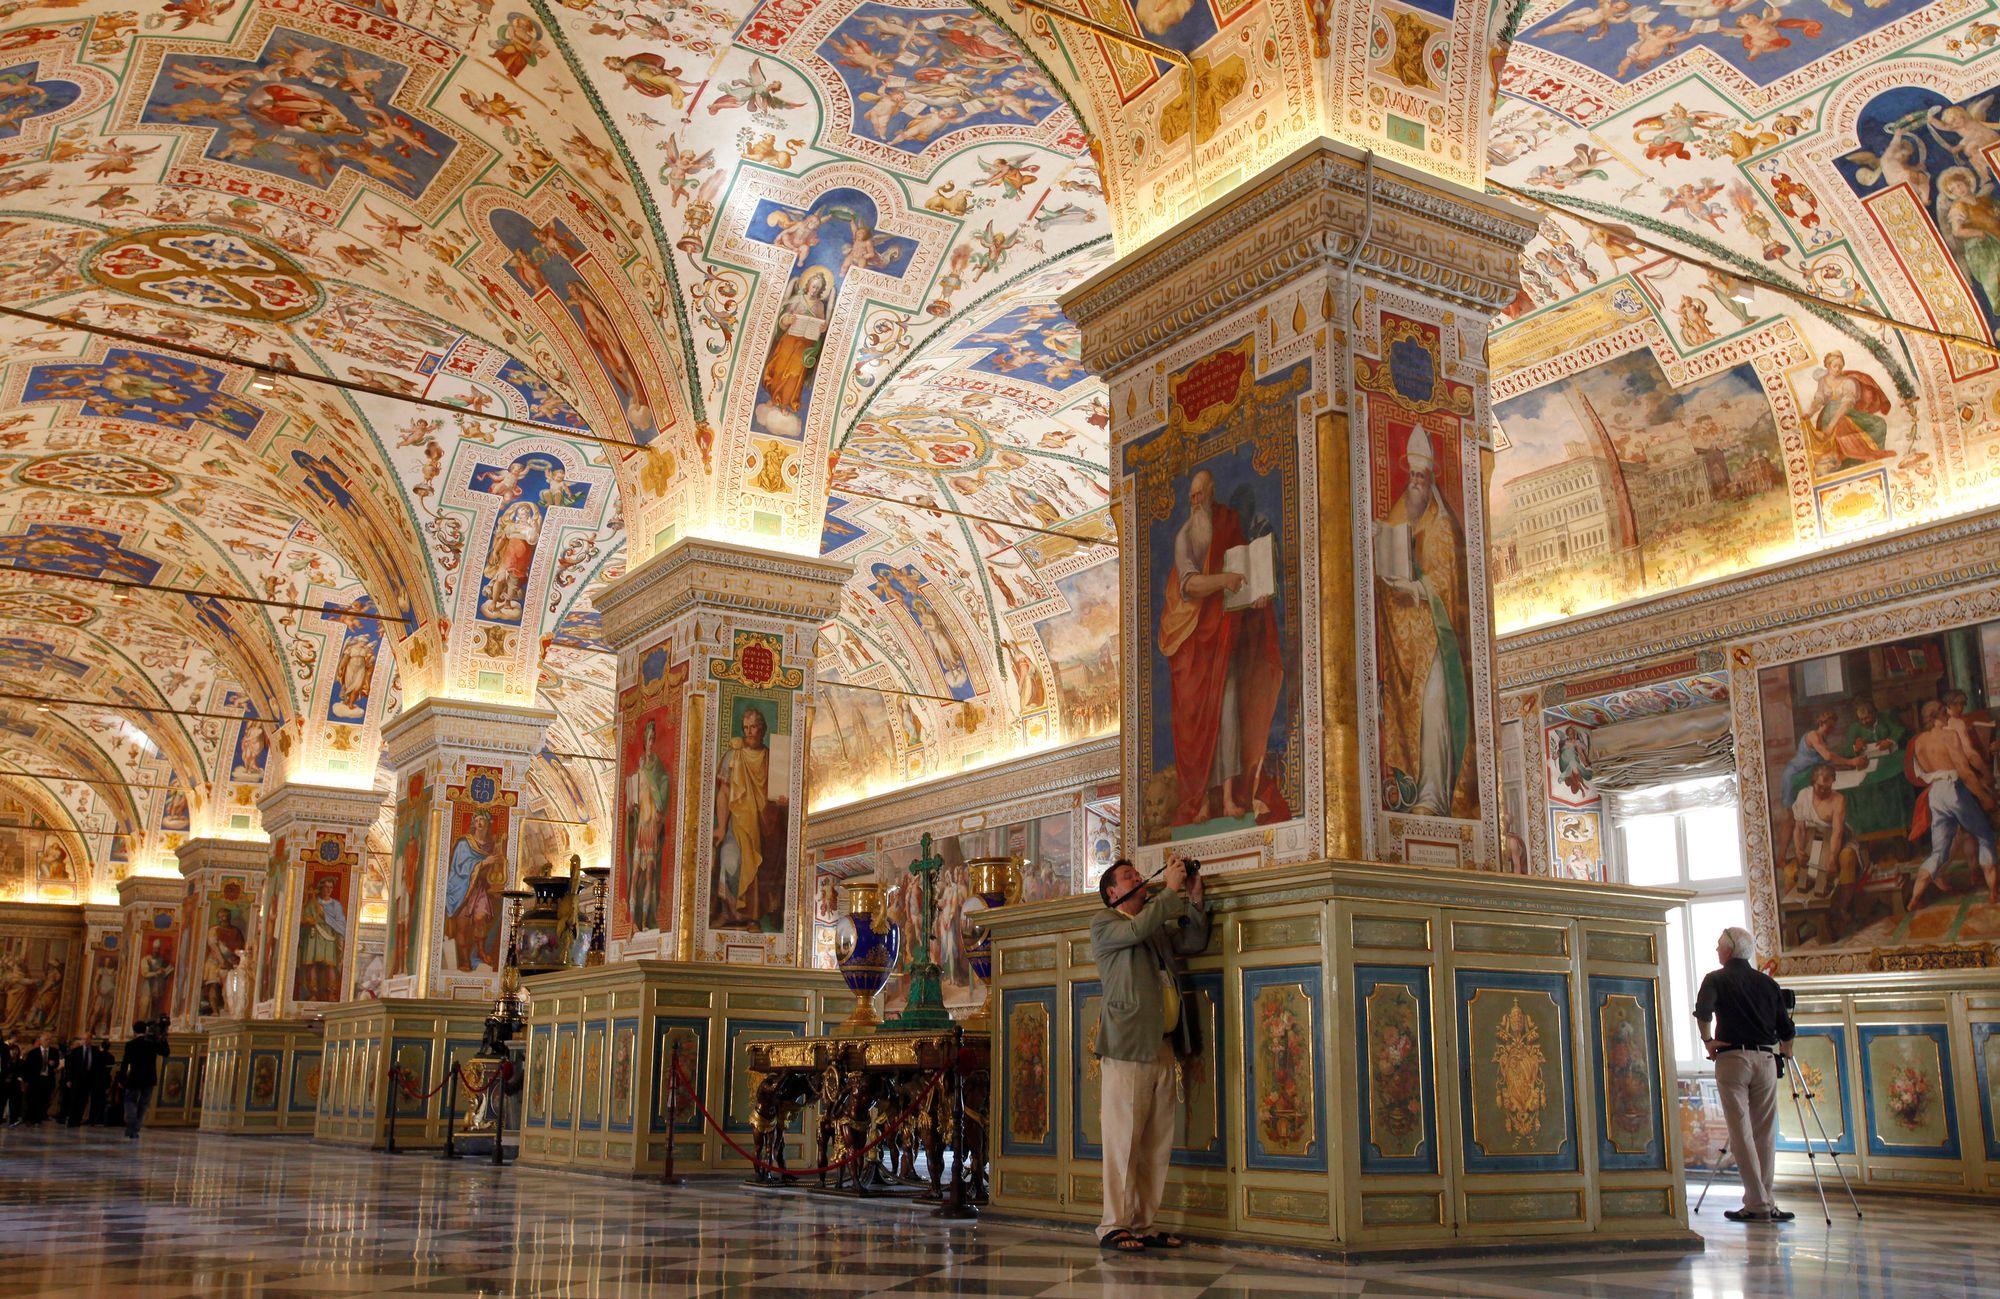 En chiffres : Ce que l'Église Catholique fait de ses « richesses » - Vous serez surpris(e) ! Bibliotheque_apostolique_vaticane_2_0